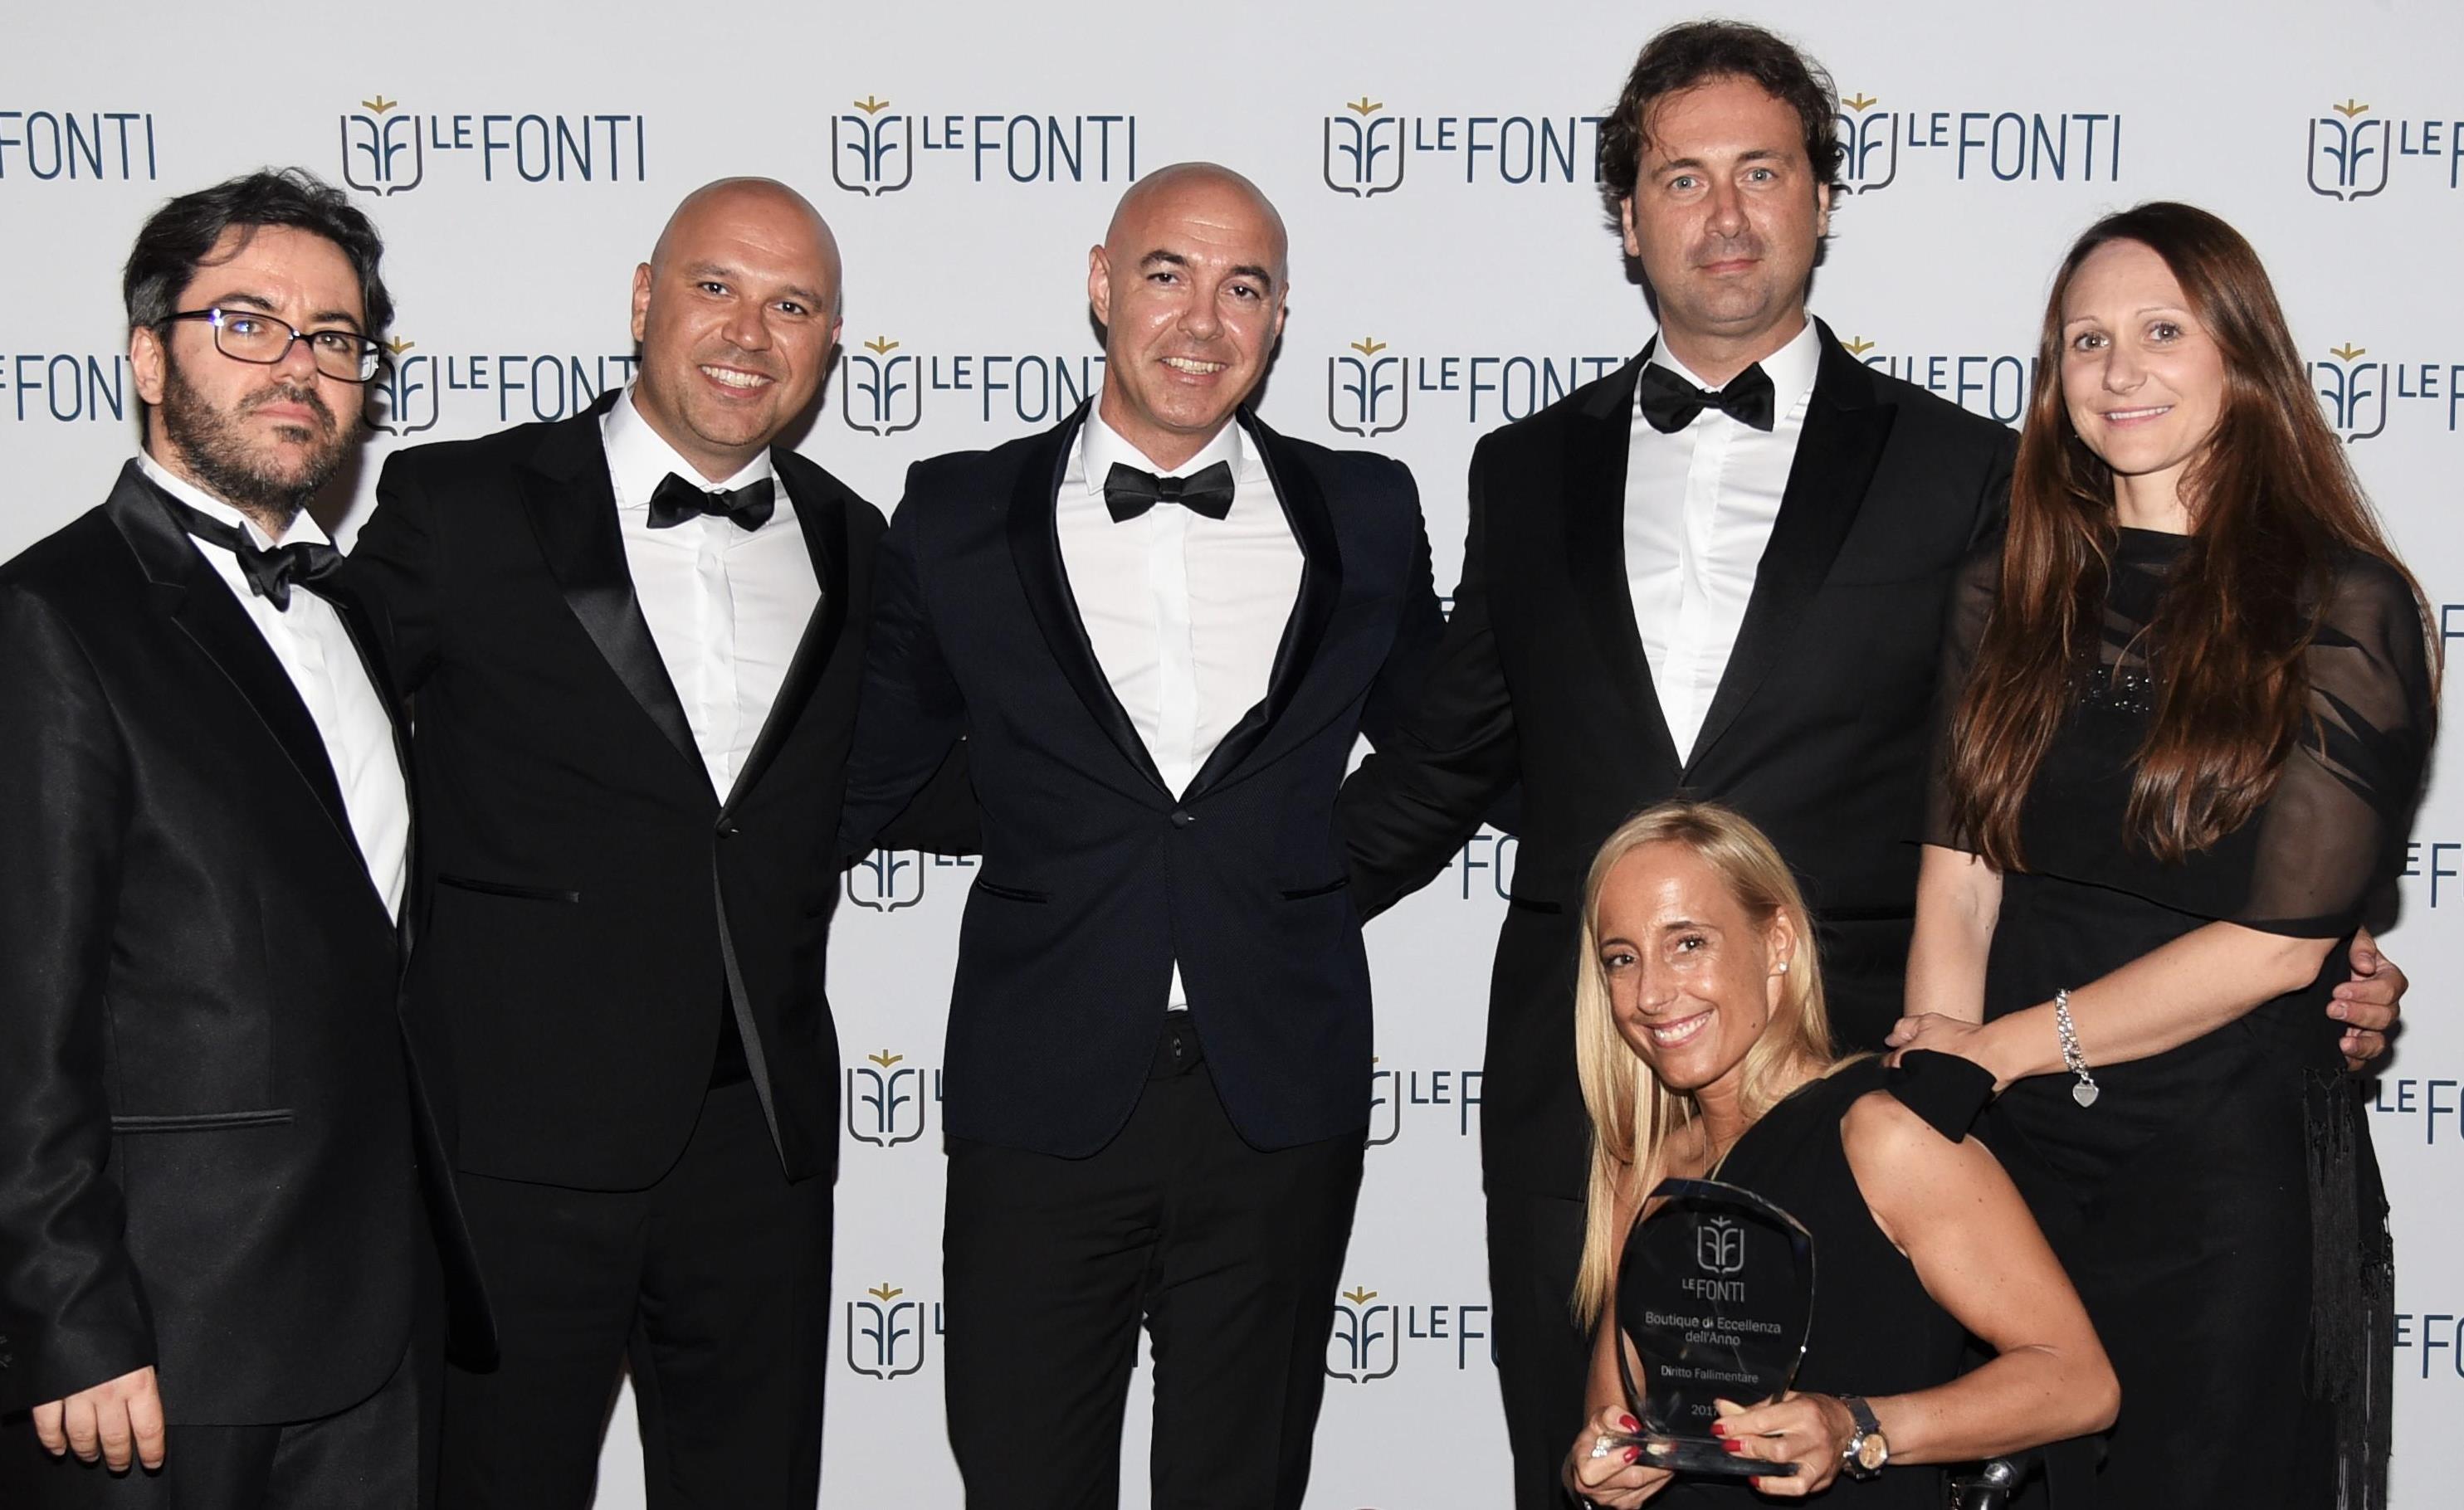 """GDlegal premiato a """"Le Fonti""""!"""